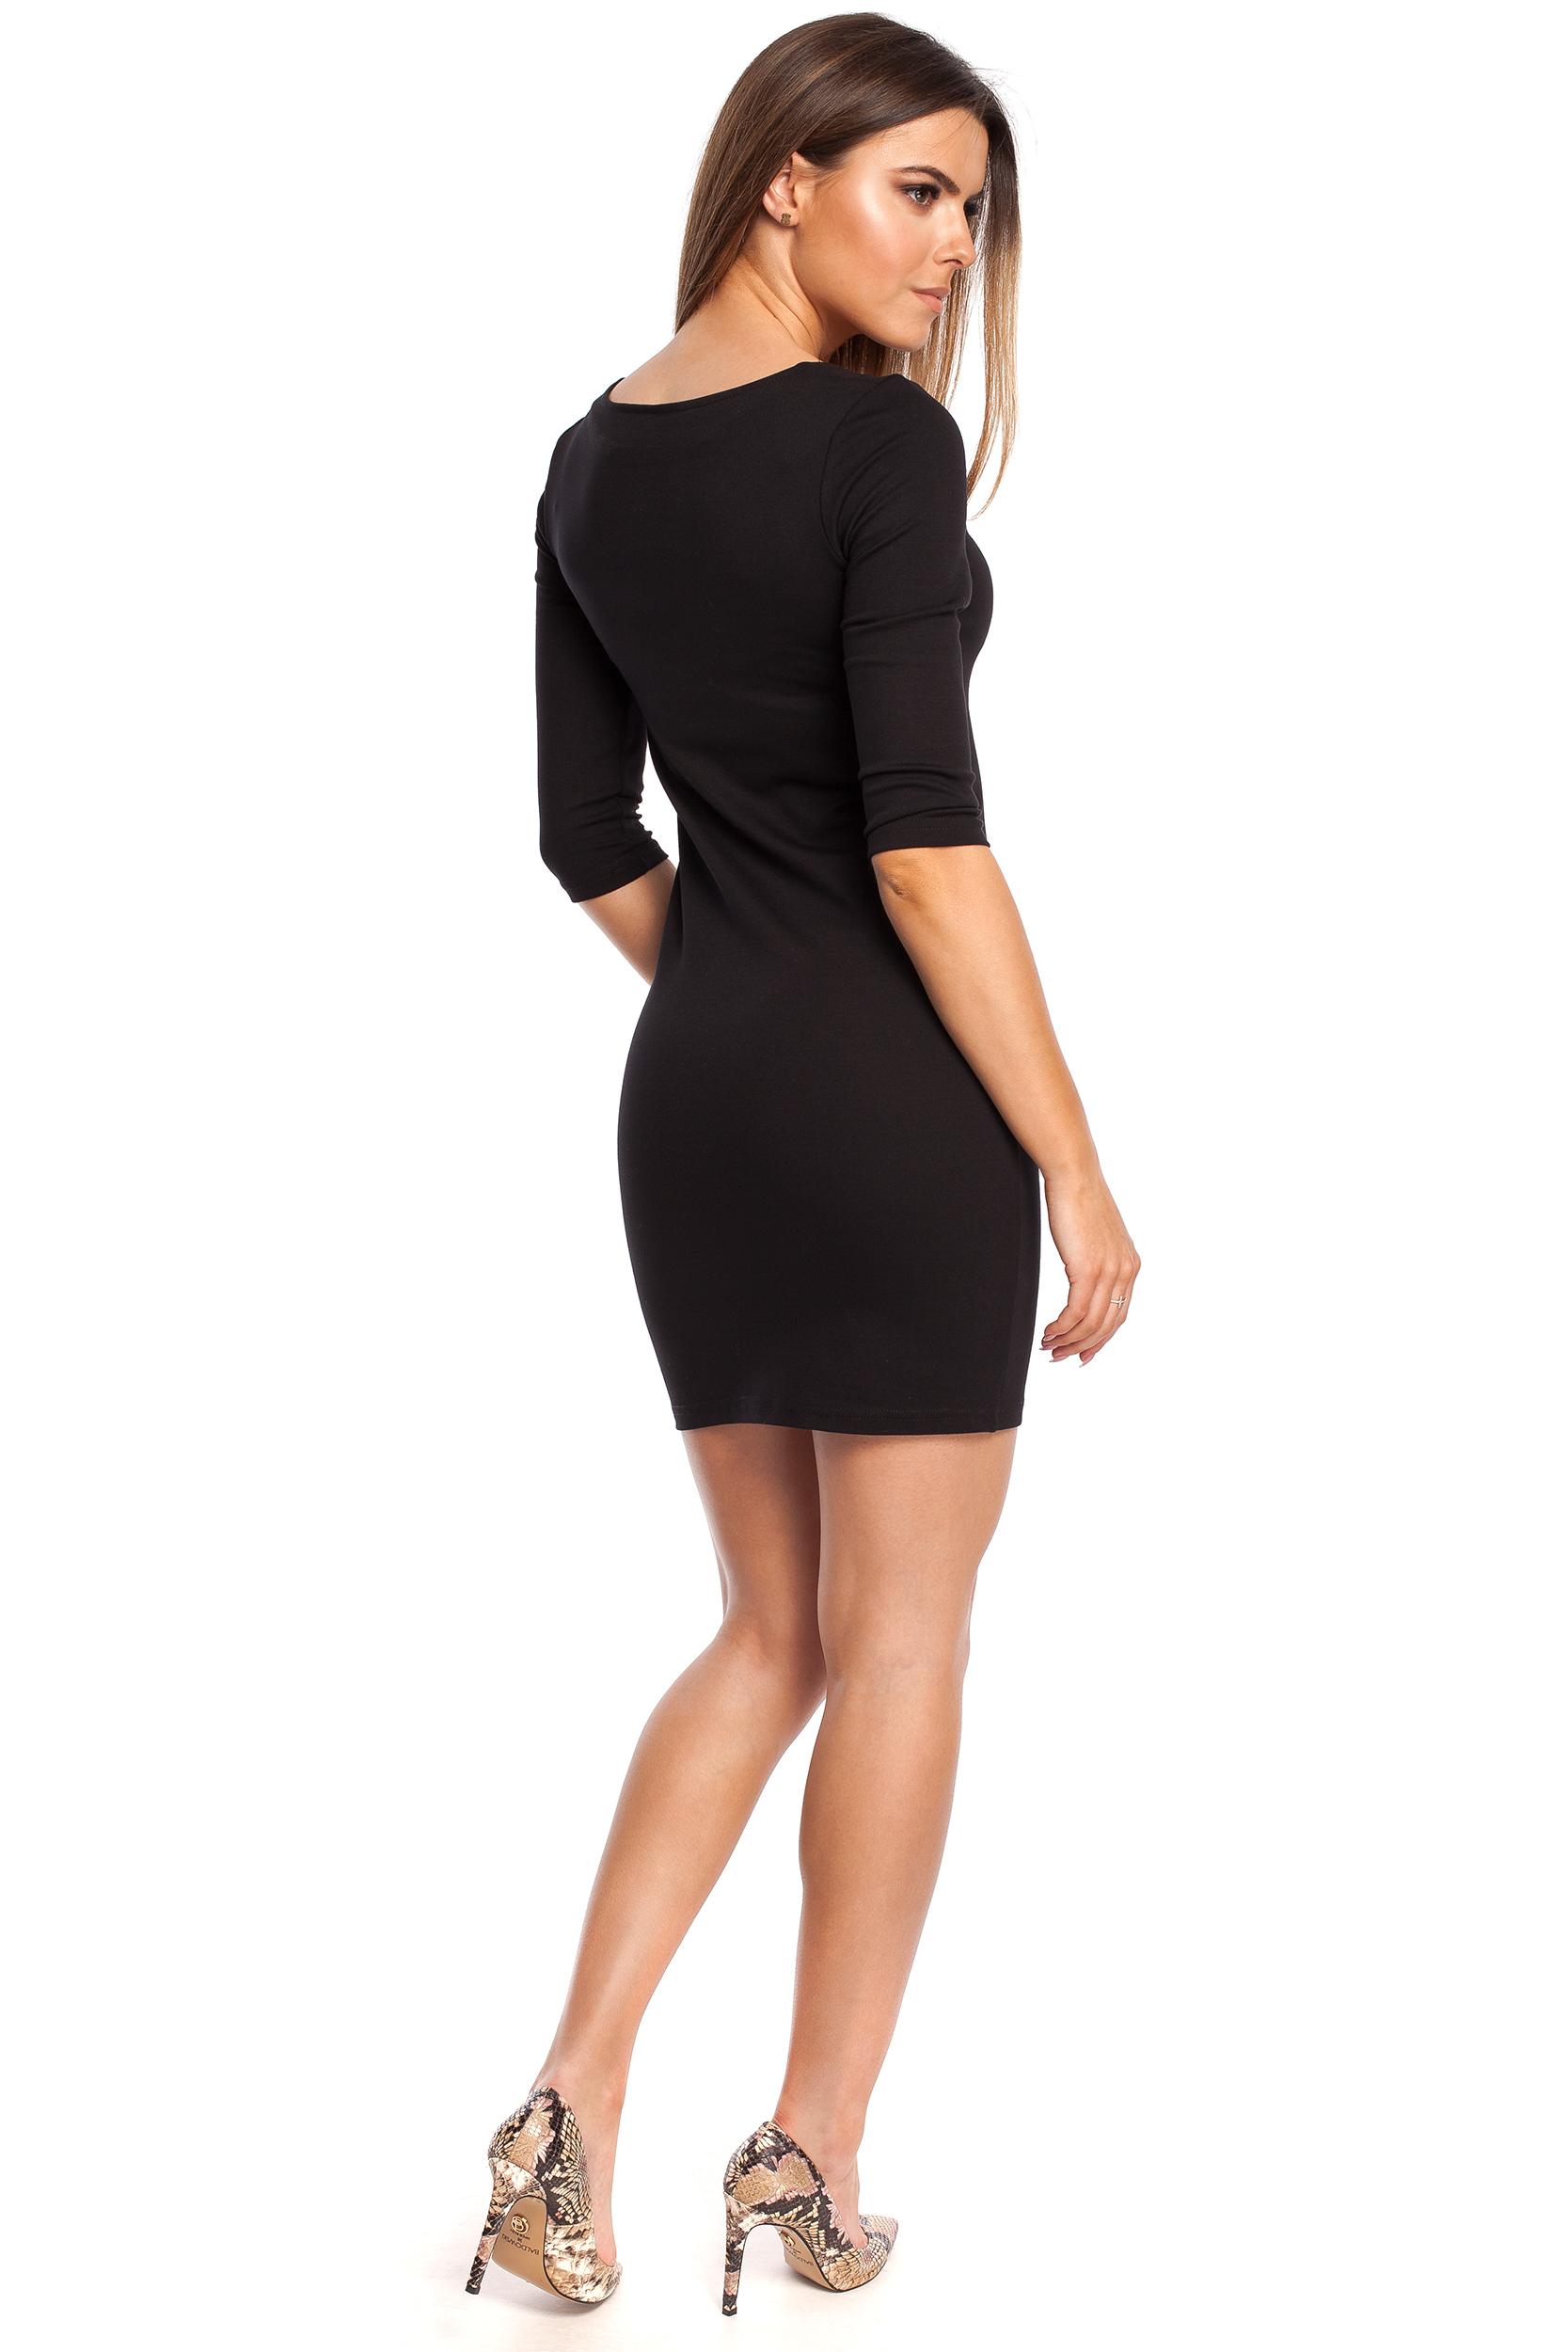 CM4321 Kobieca sukienka z krótkim rękawkiem - czarna